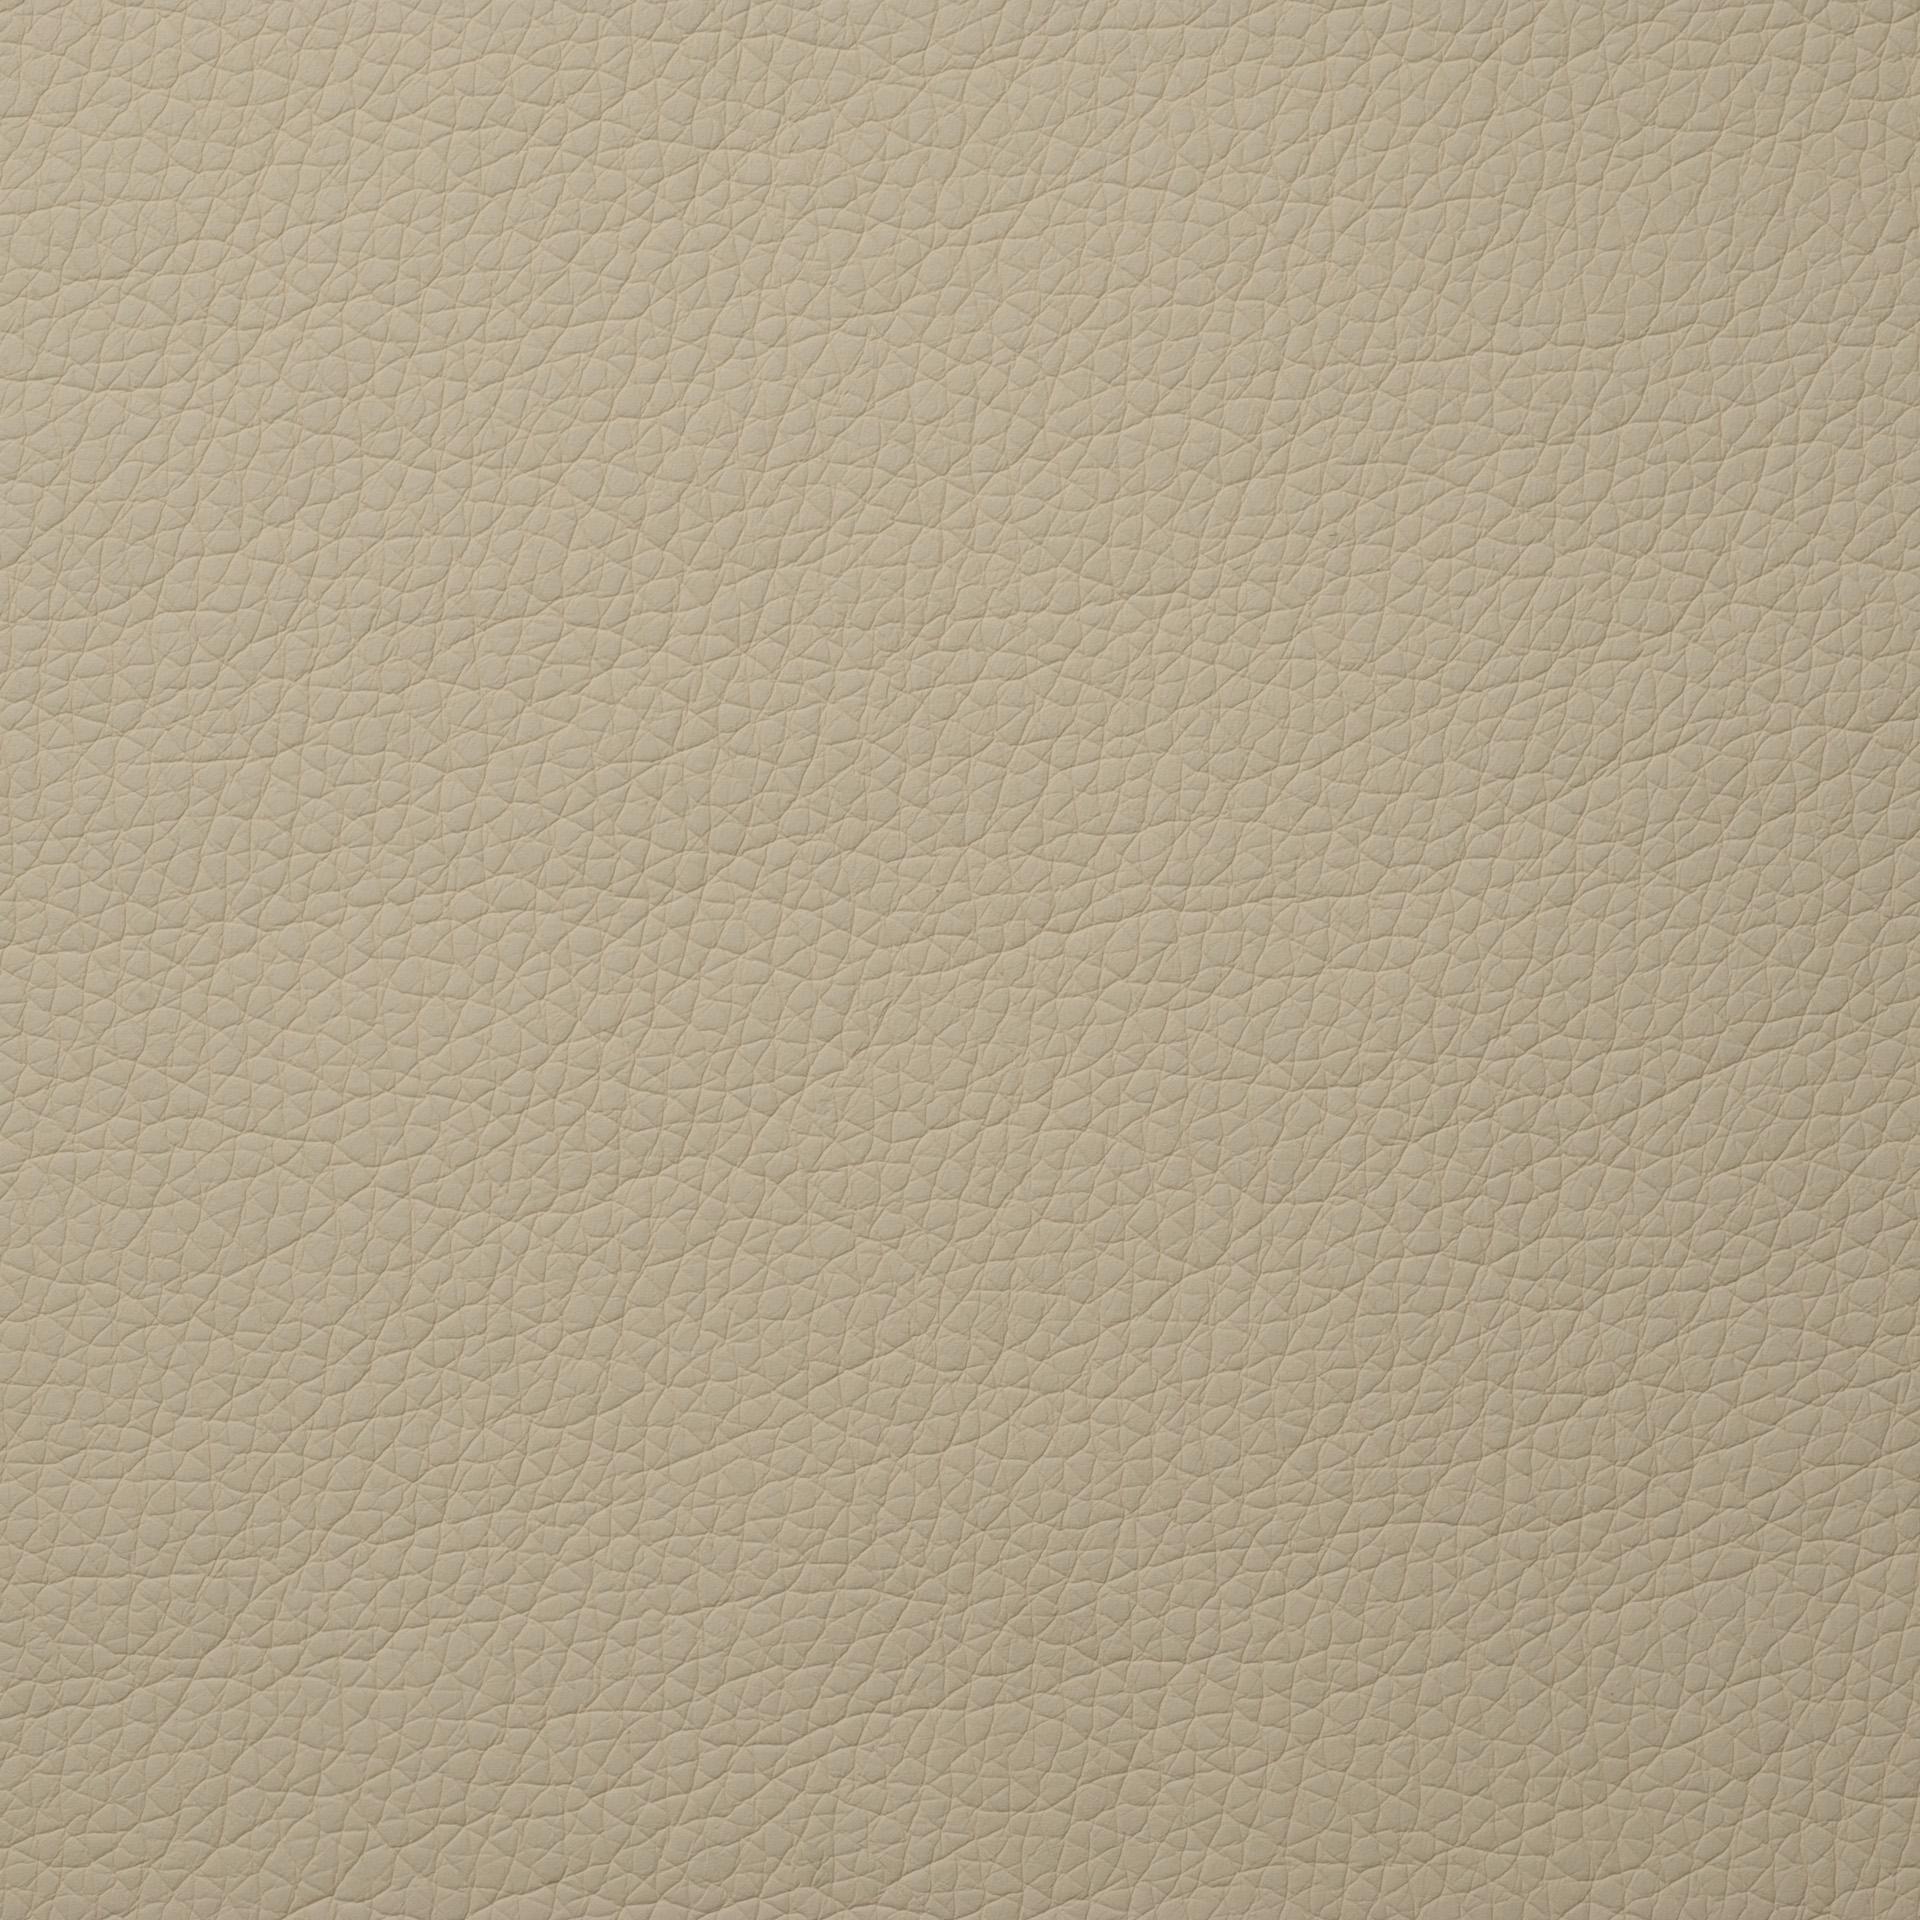 Коллекция ткани Флай 2207,  купить ткань Кож зам для мебели Украина